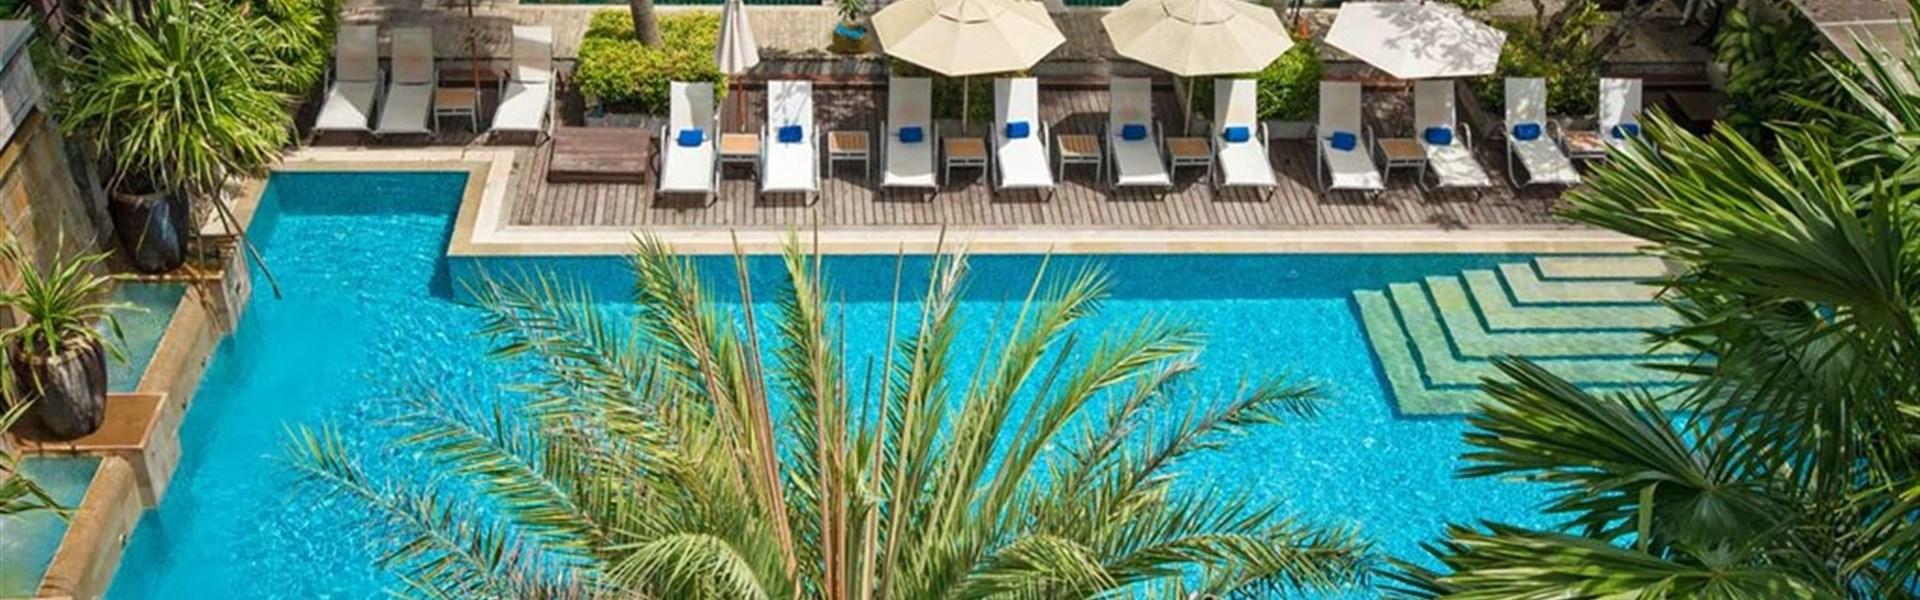 Burasari resort and spa Phuket - bazén